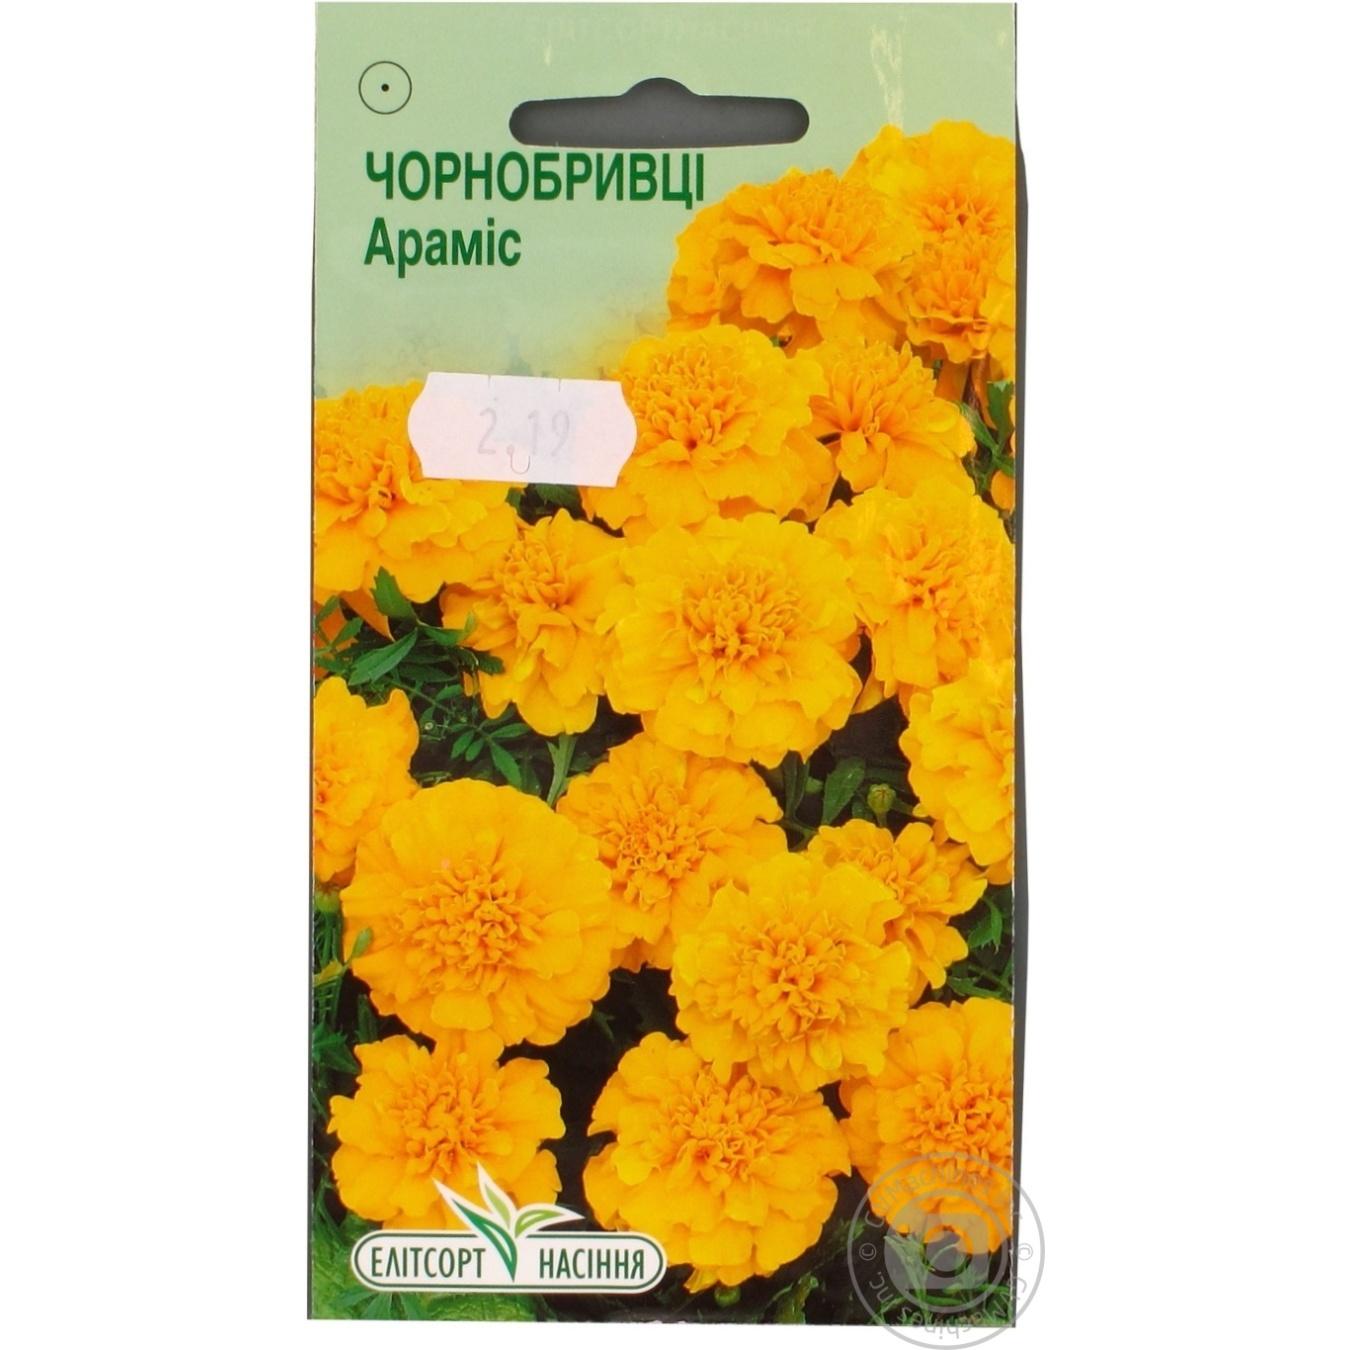 Насіння Елітсортнасіння Квіти Чорнобривці Араміс 0 9cc10be7ed1e2